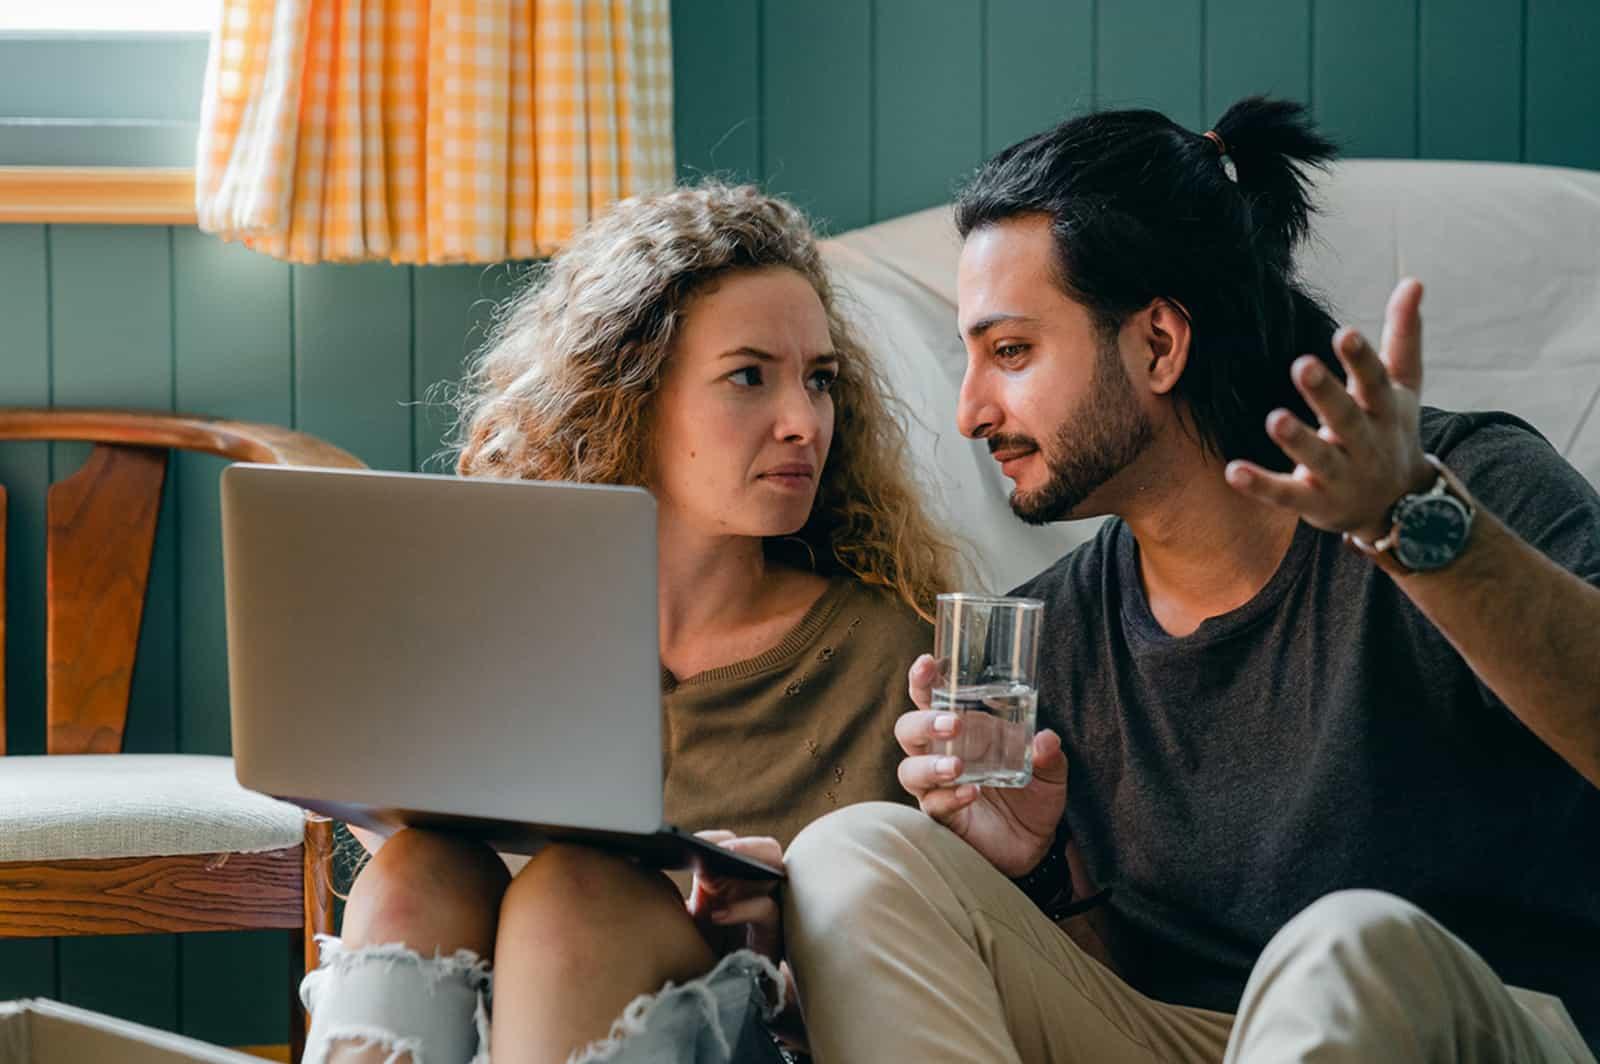 Ein Mann und eine Frau unterhalten sich, während die Frau einen Laptop auf den Knien hält